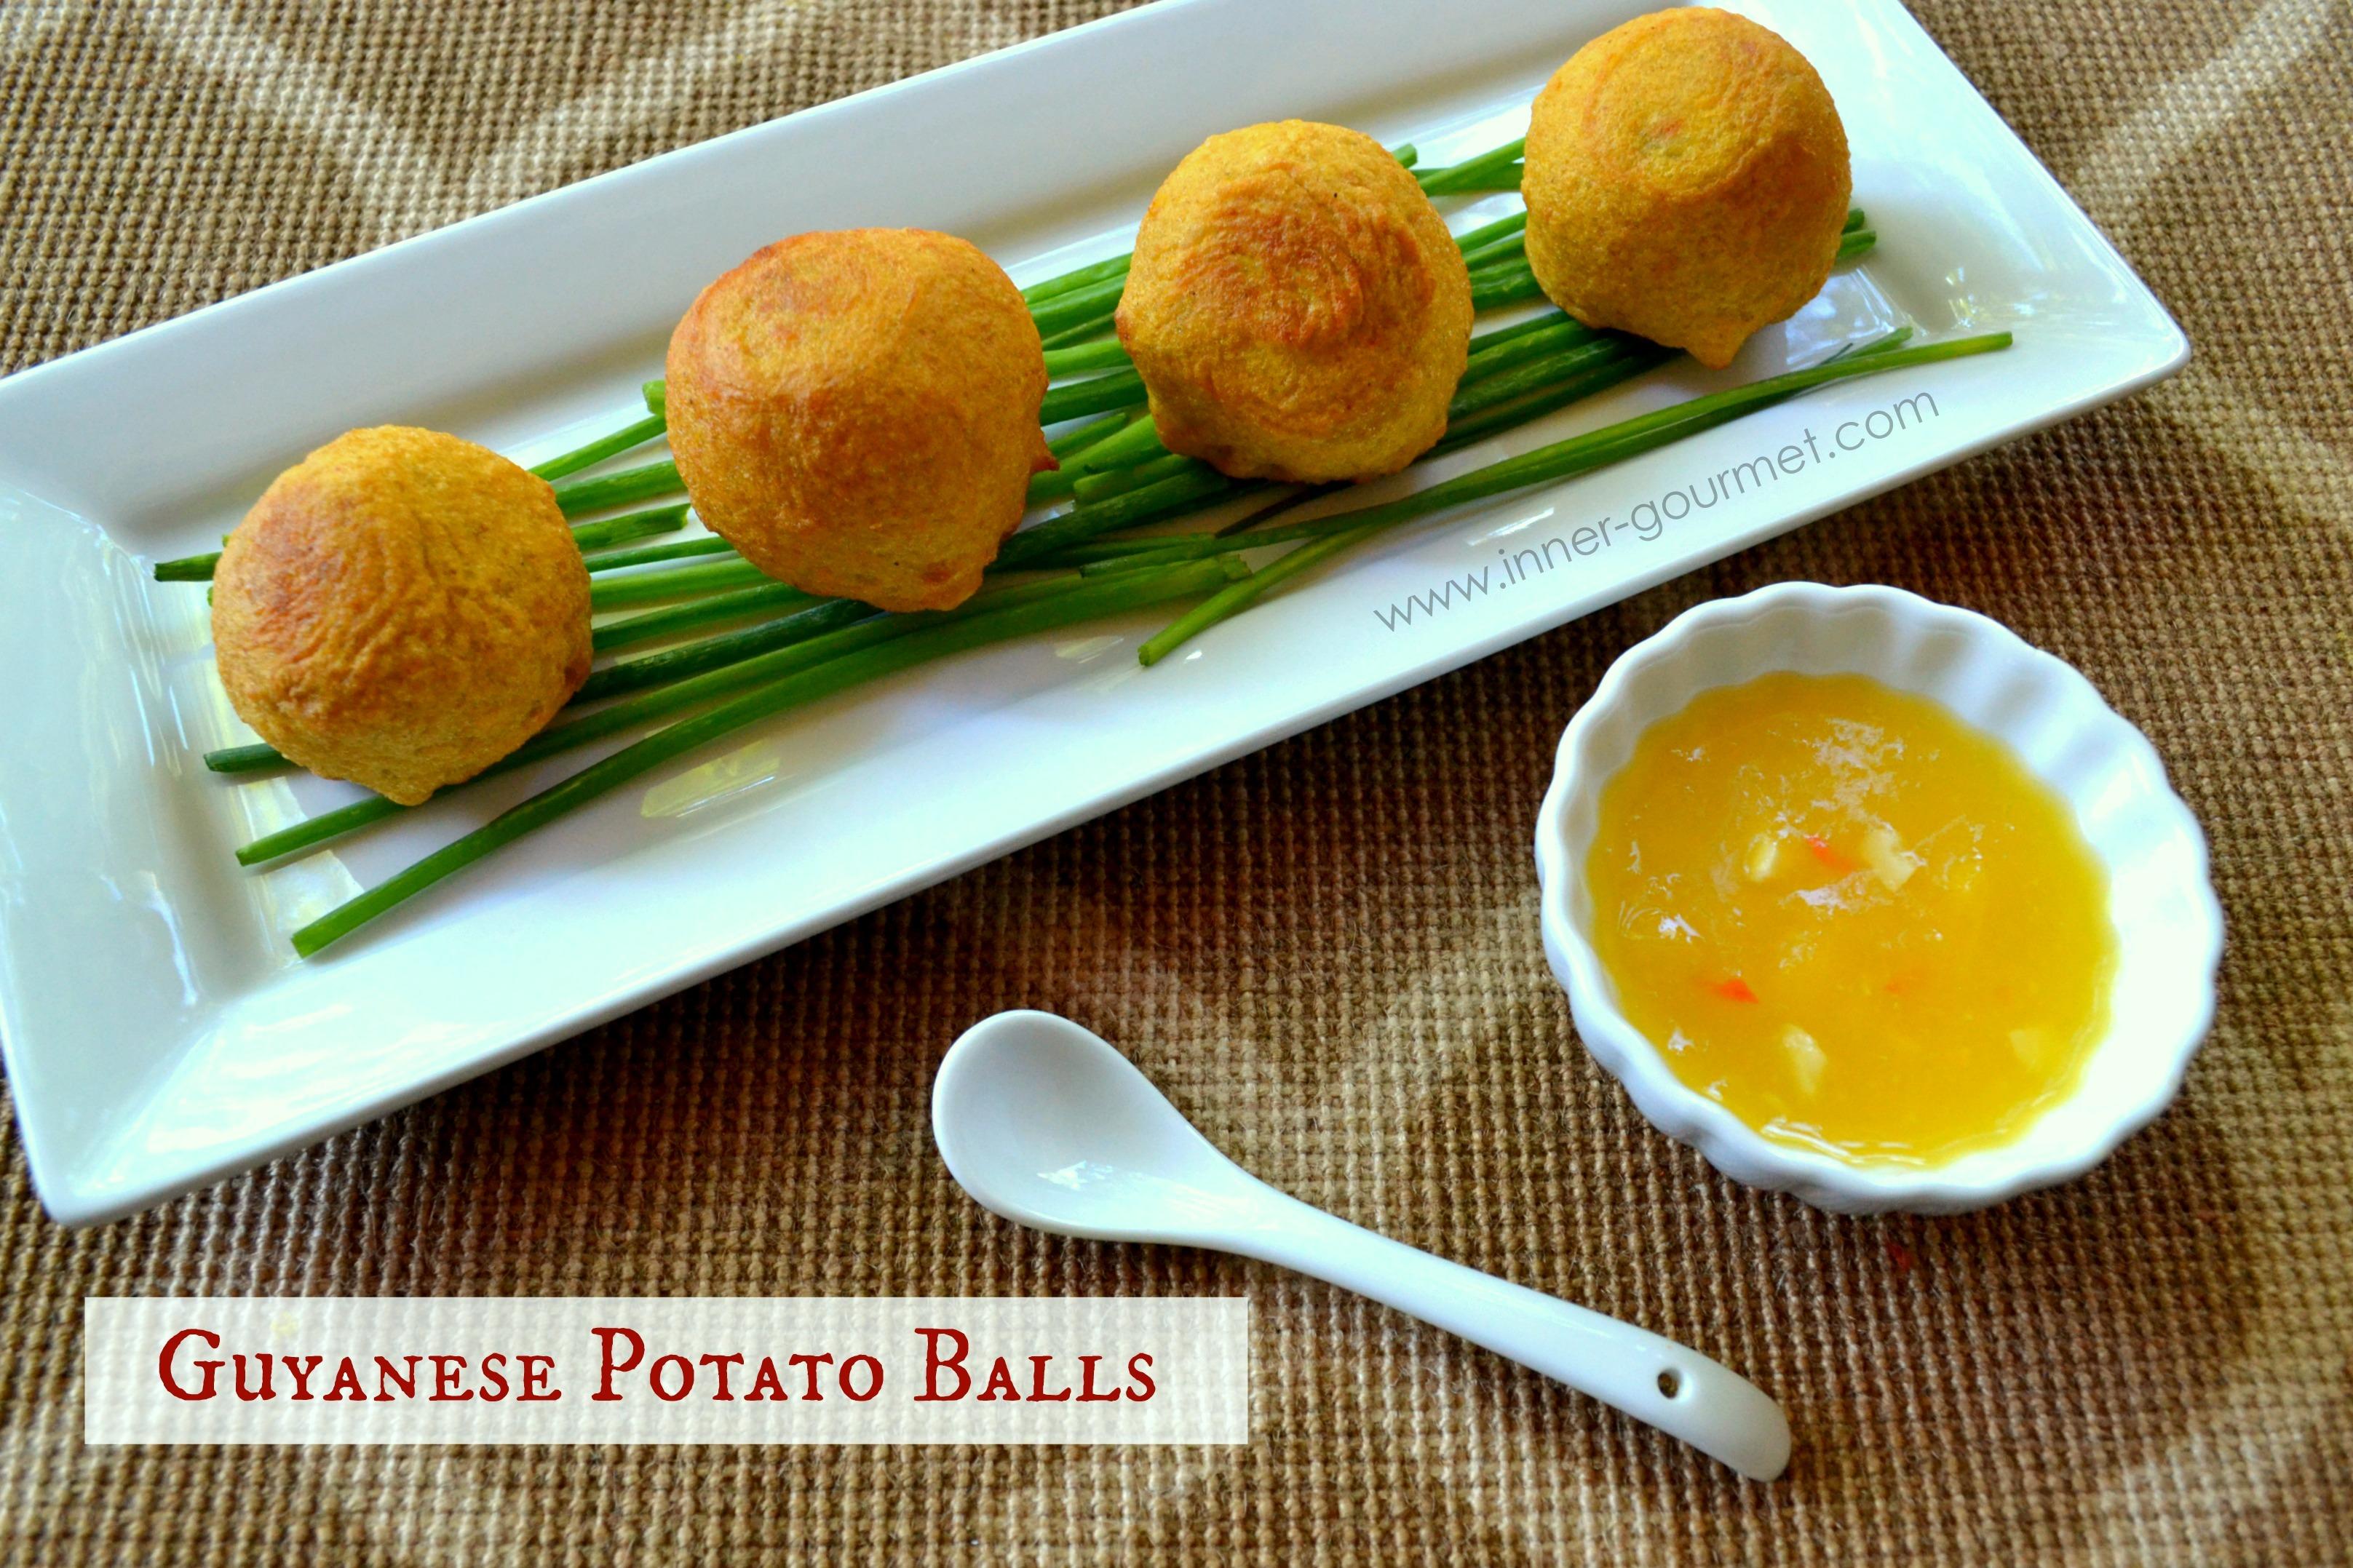 Guyanese Potato Balls, Guyanese appetizer, Guyanese food